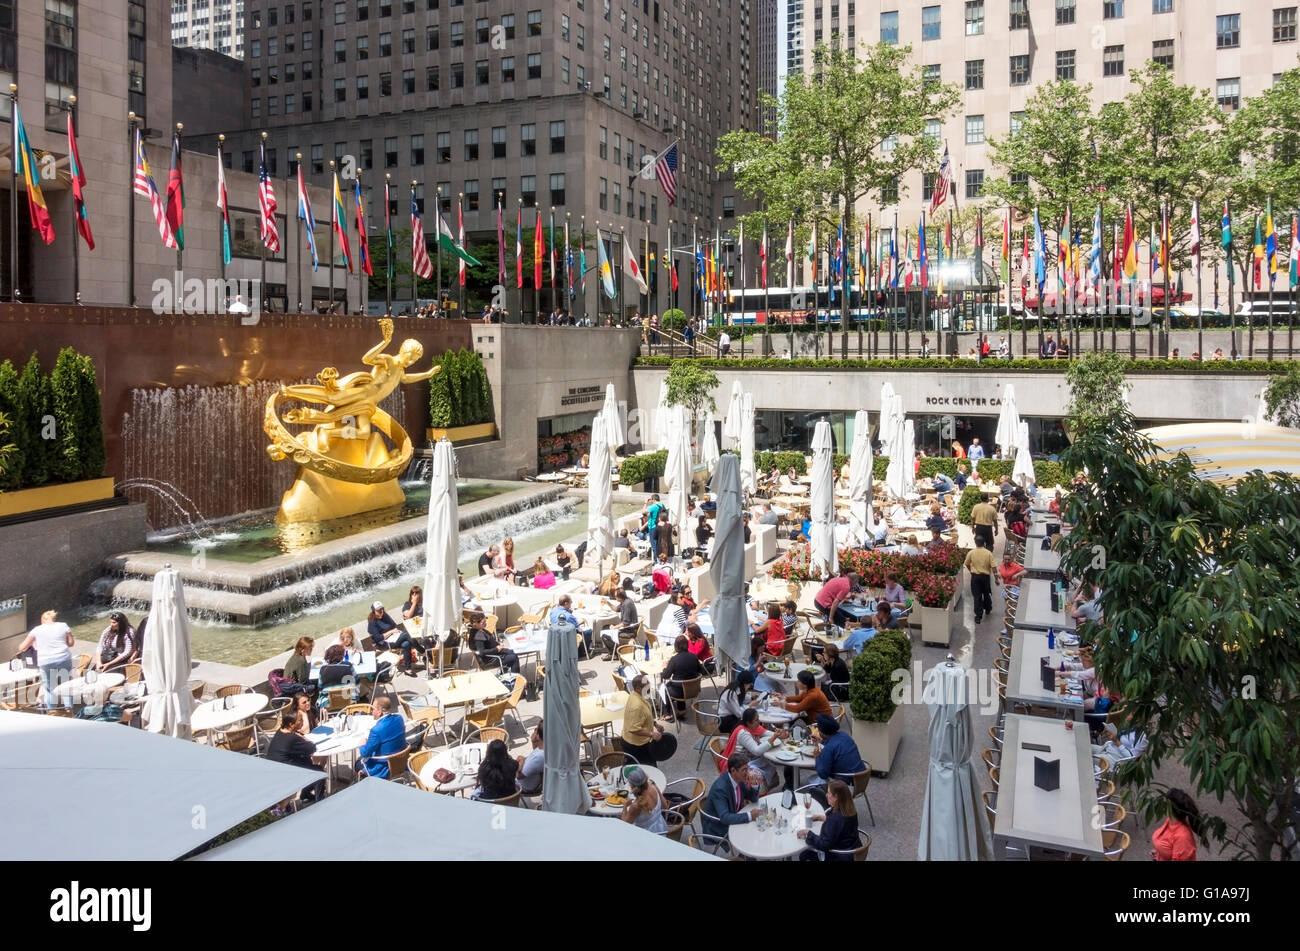 The rock center cafe summer garden bar at rockefeller center in stock photo 104103654 alamy for Summer garden and bar